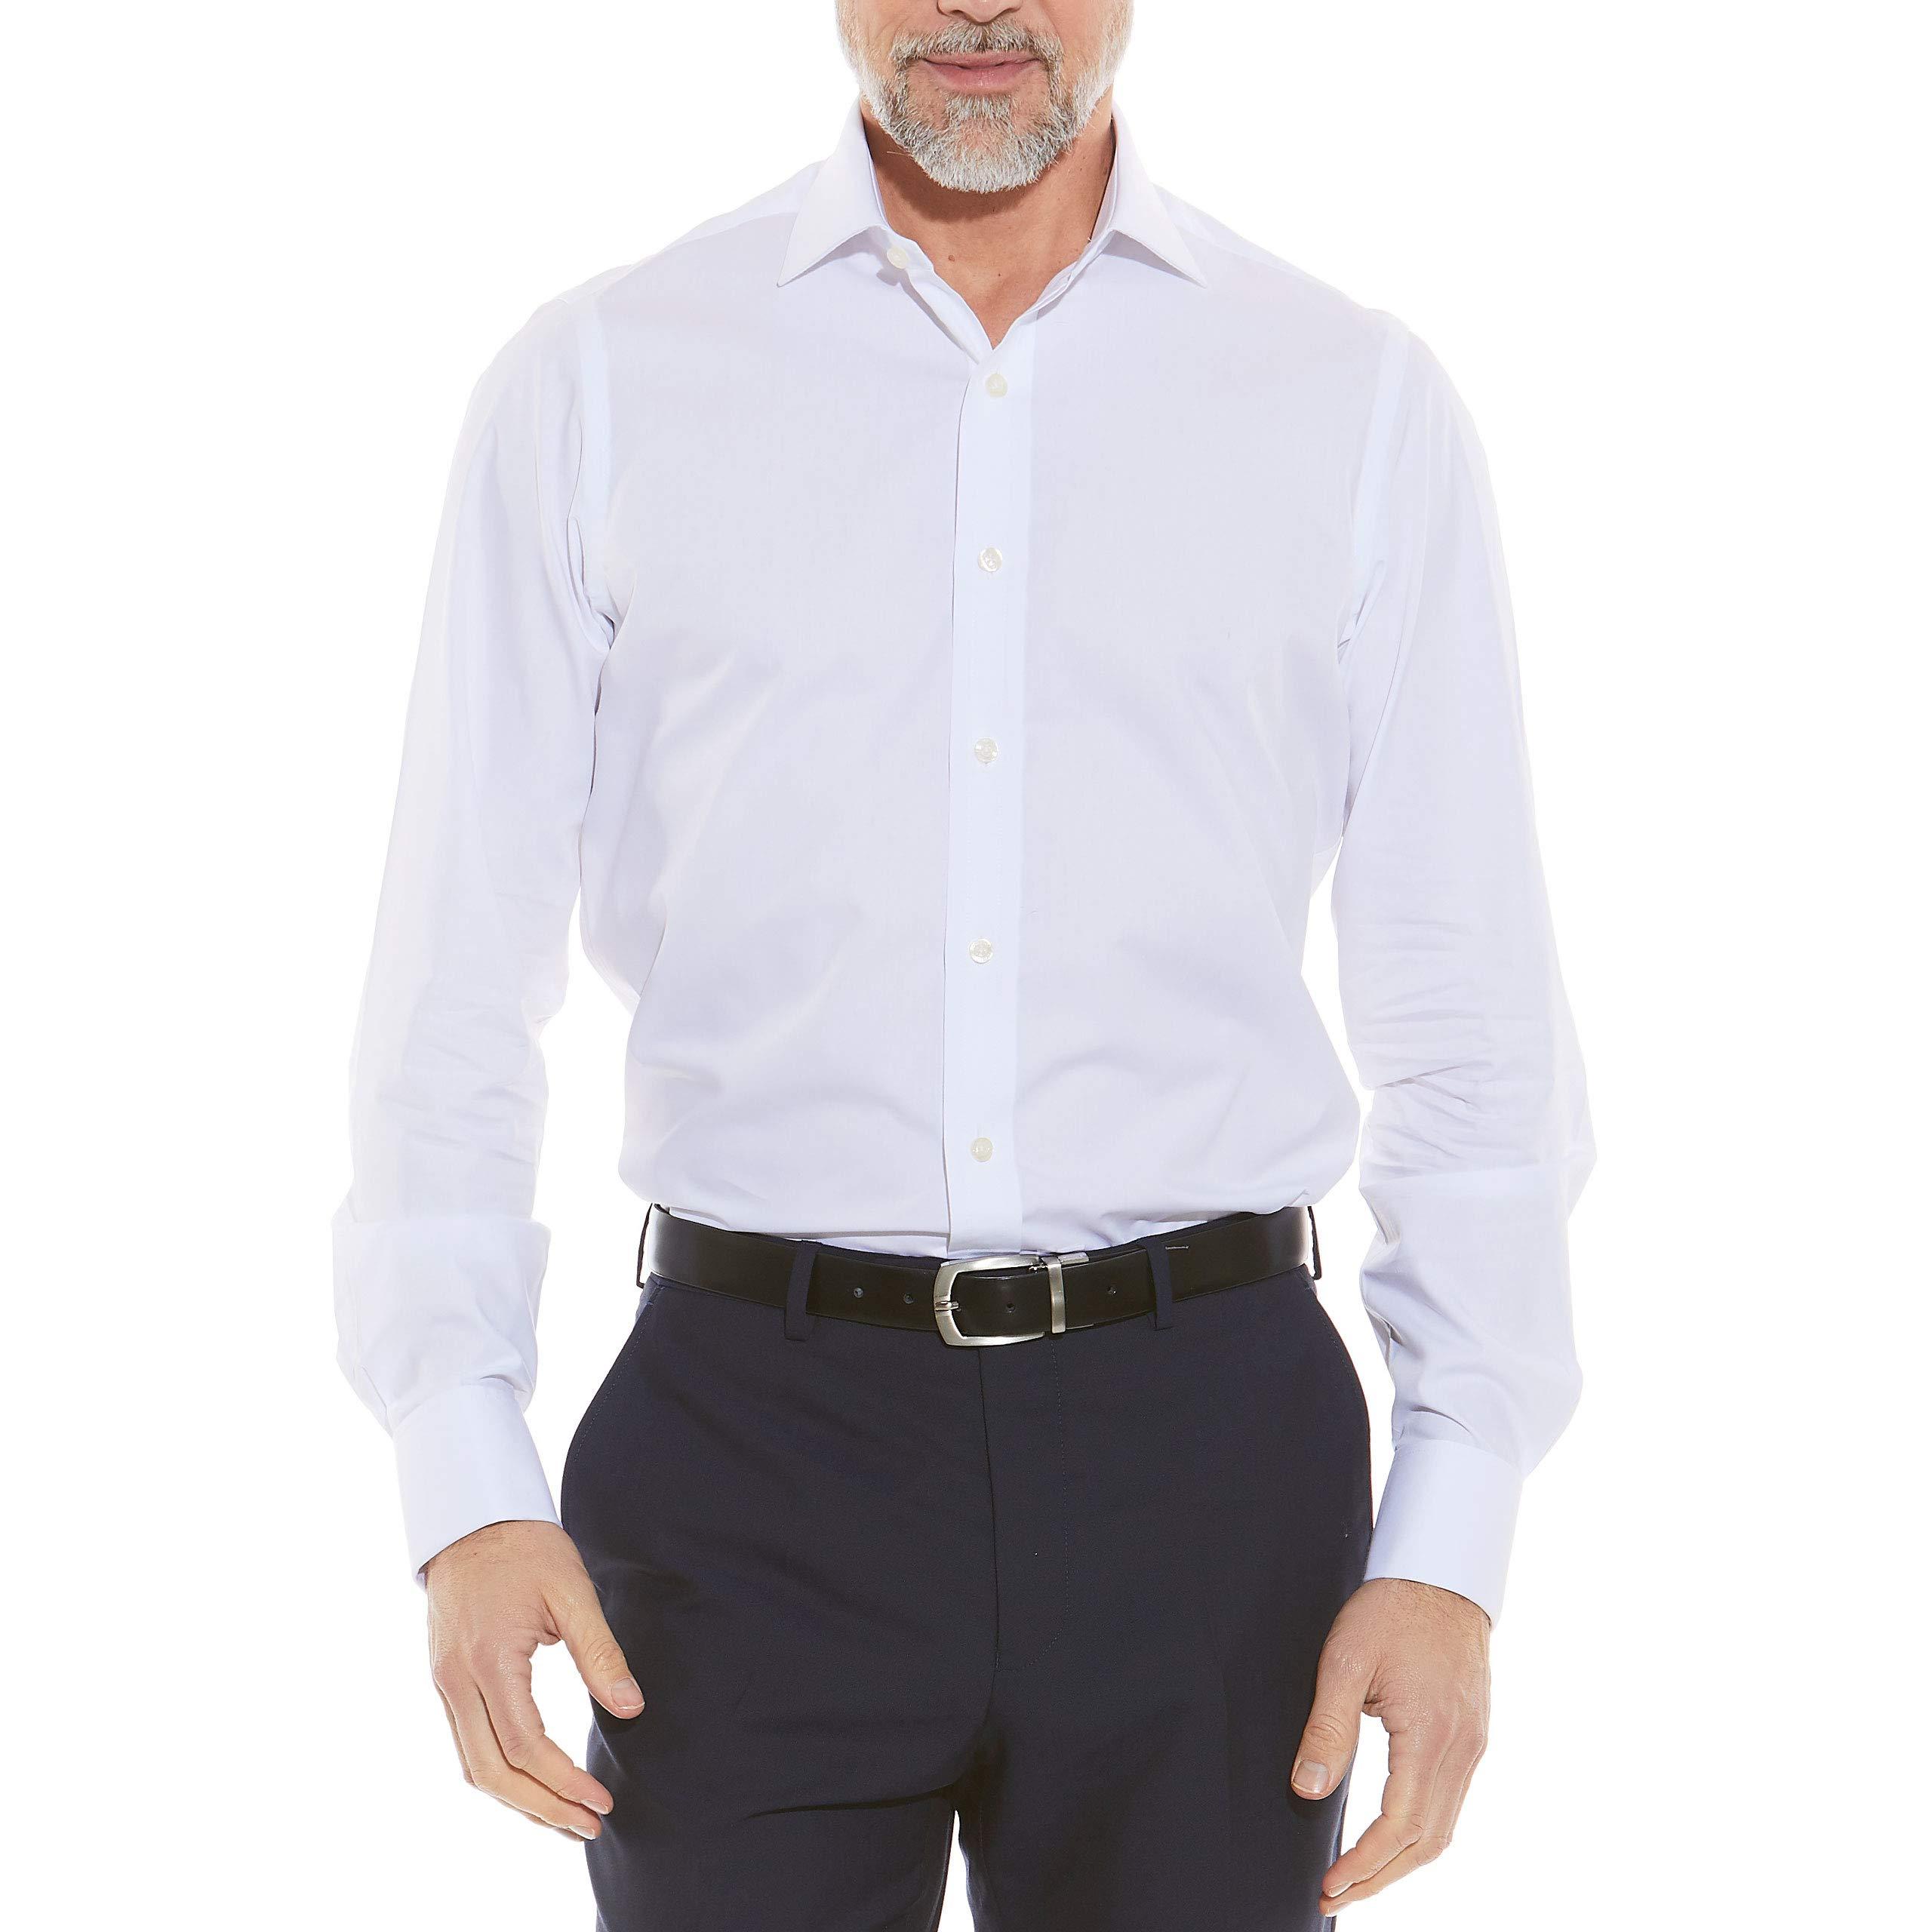 French Cuff Cuff 16 Standard Savile Row Mens White Twill Slim Fit Cutaway Collar Shirt